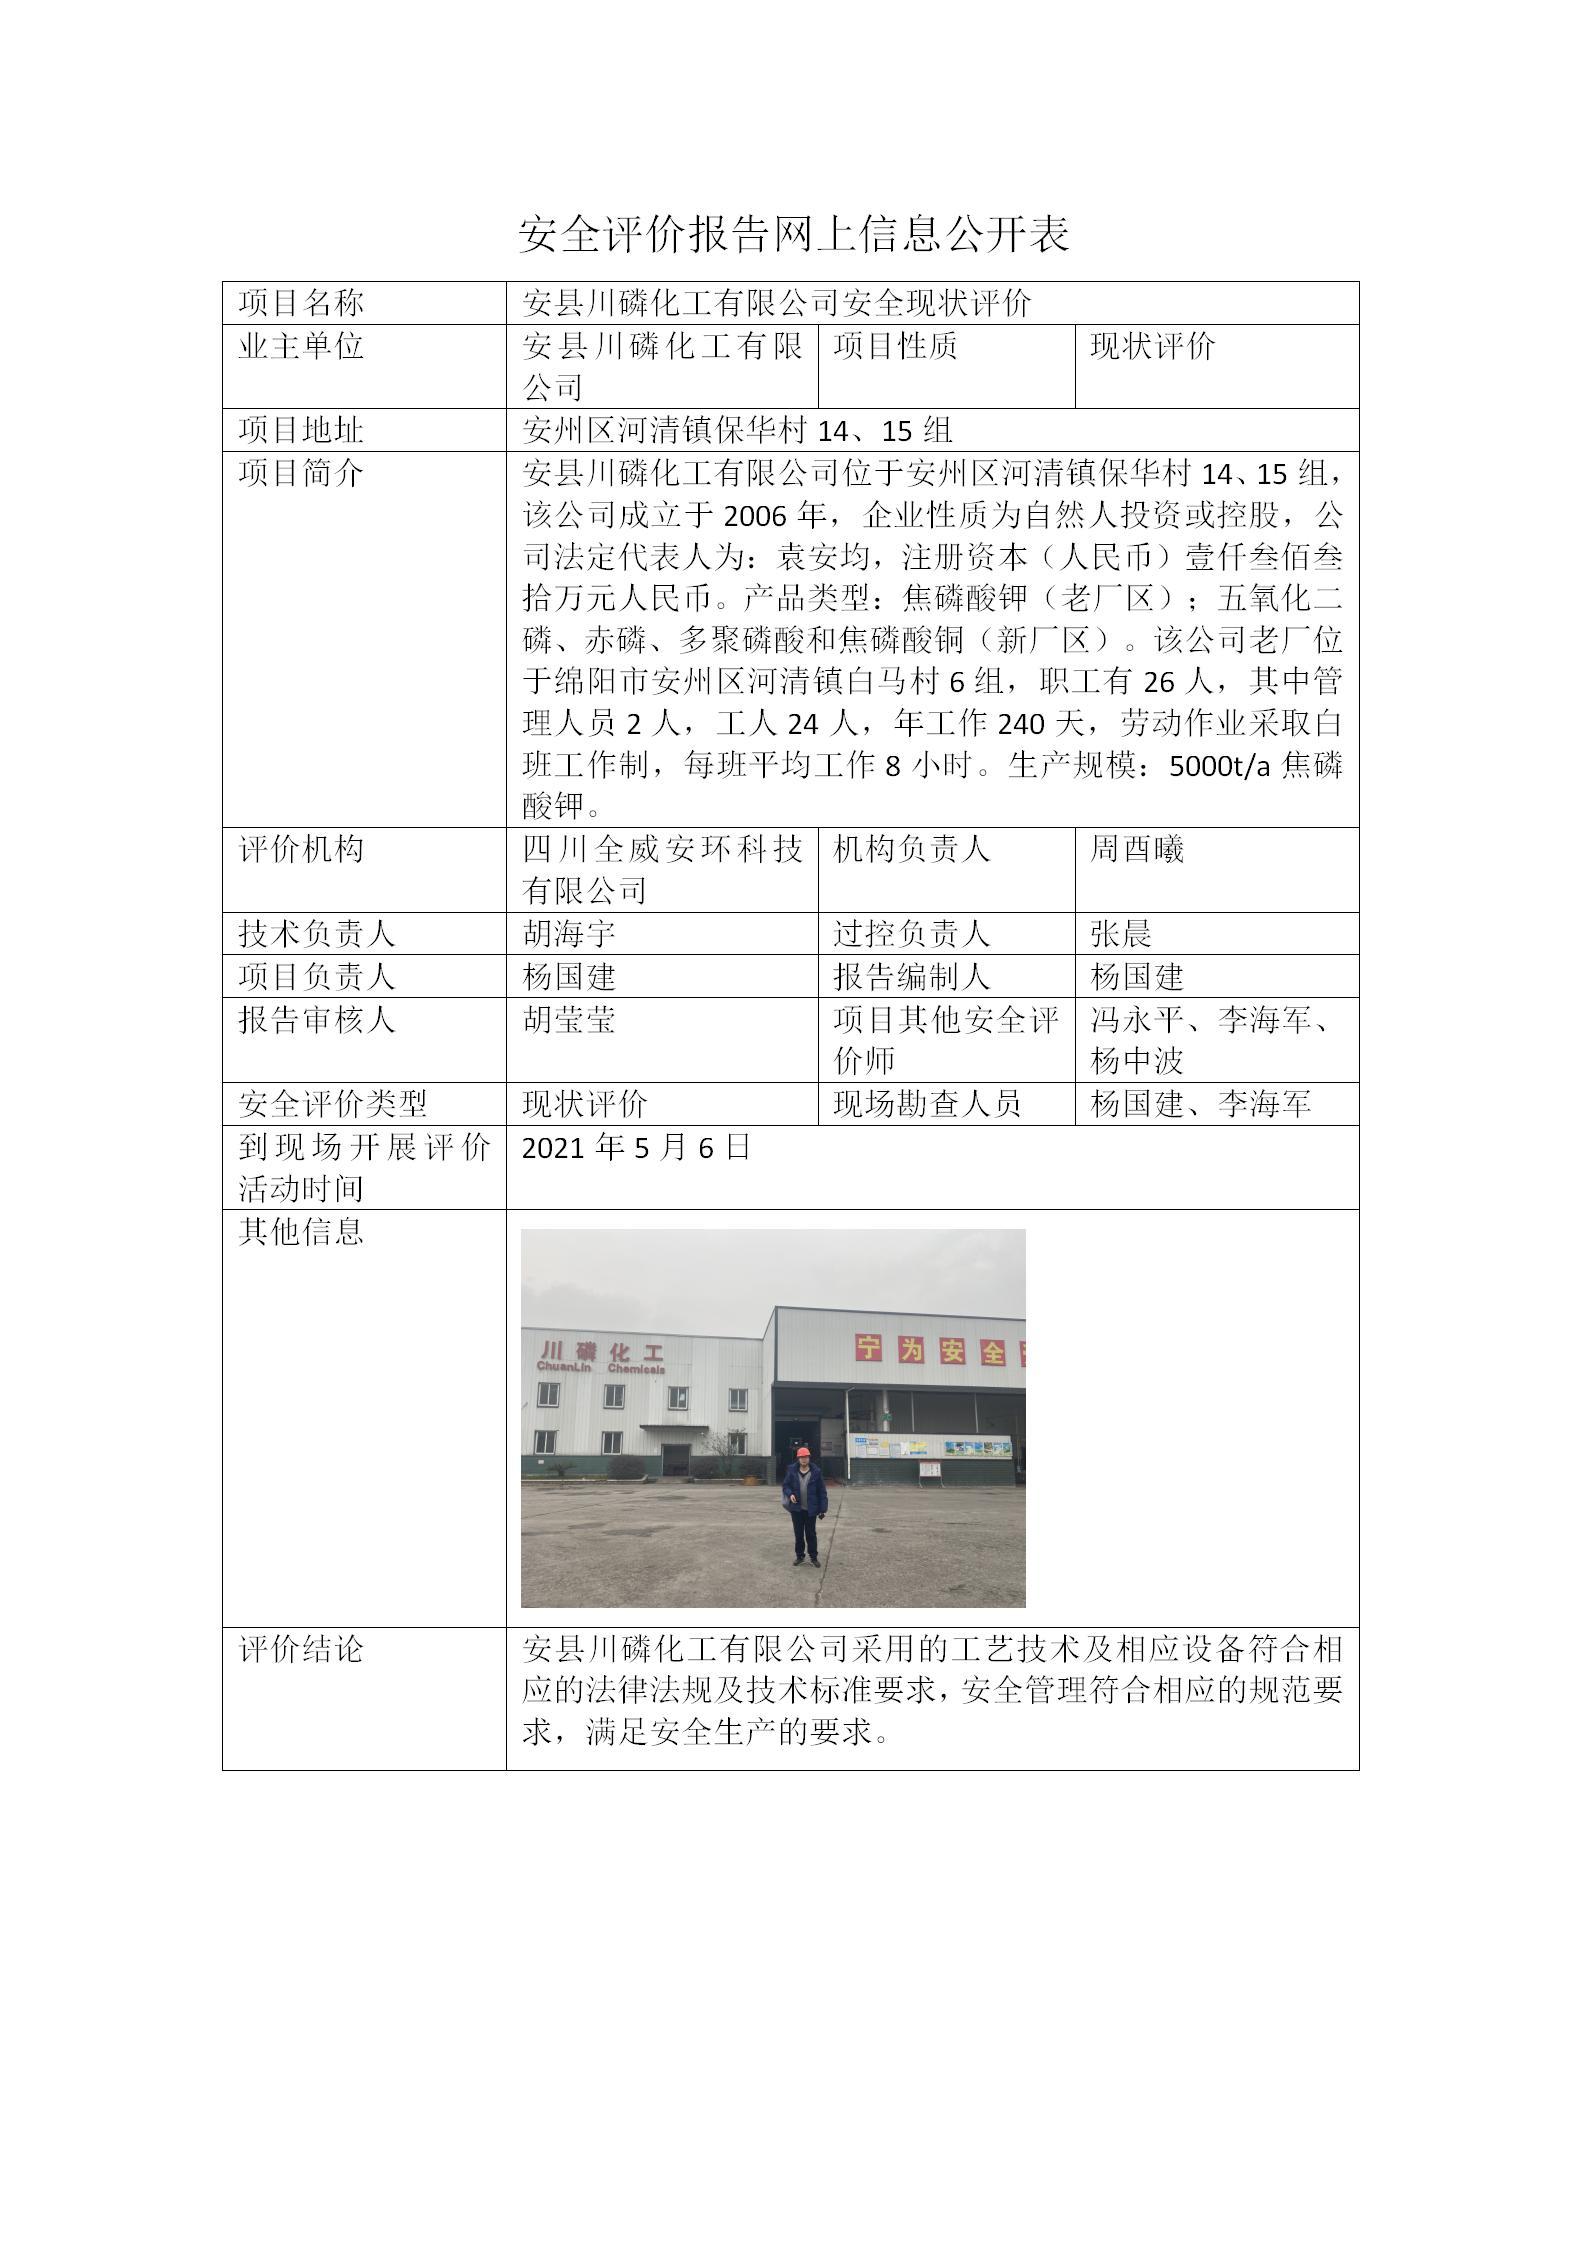 安县川磷化工有限公司